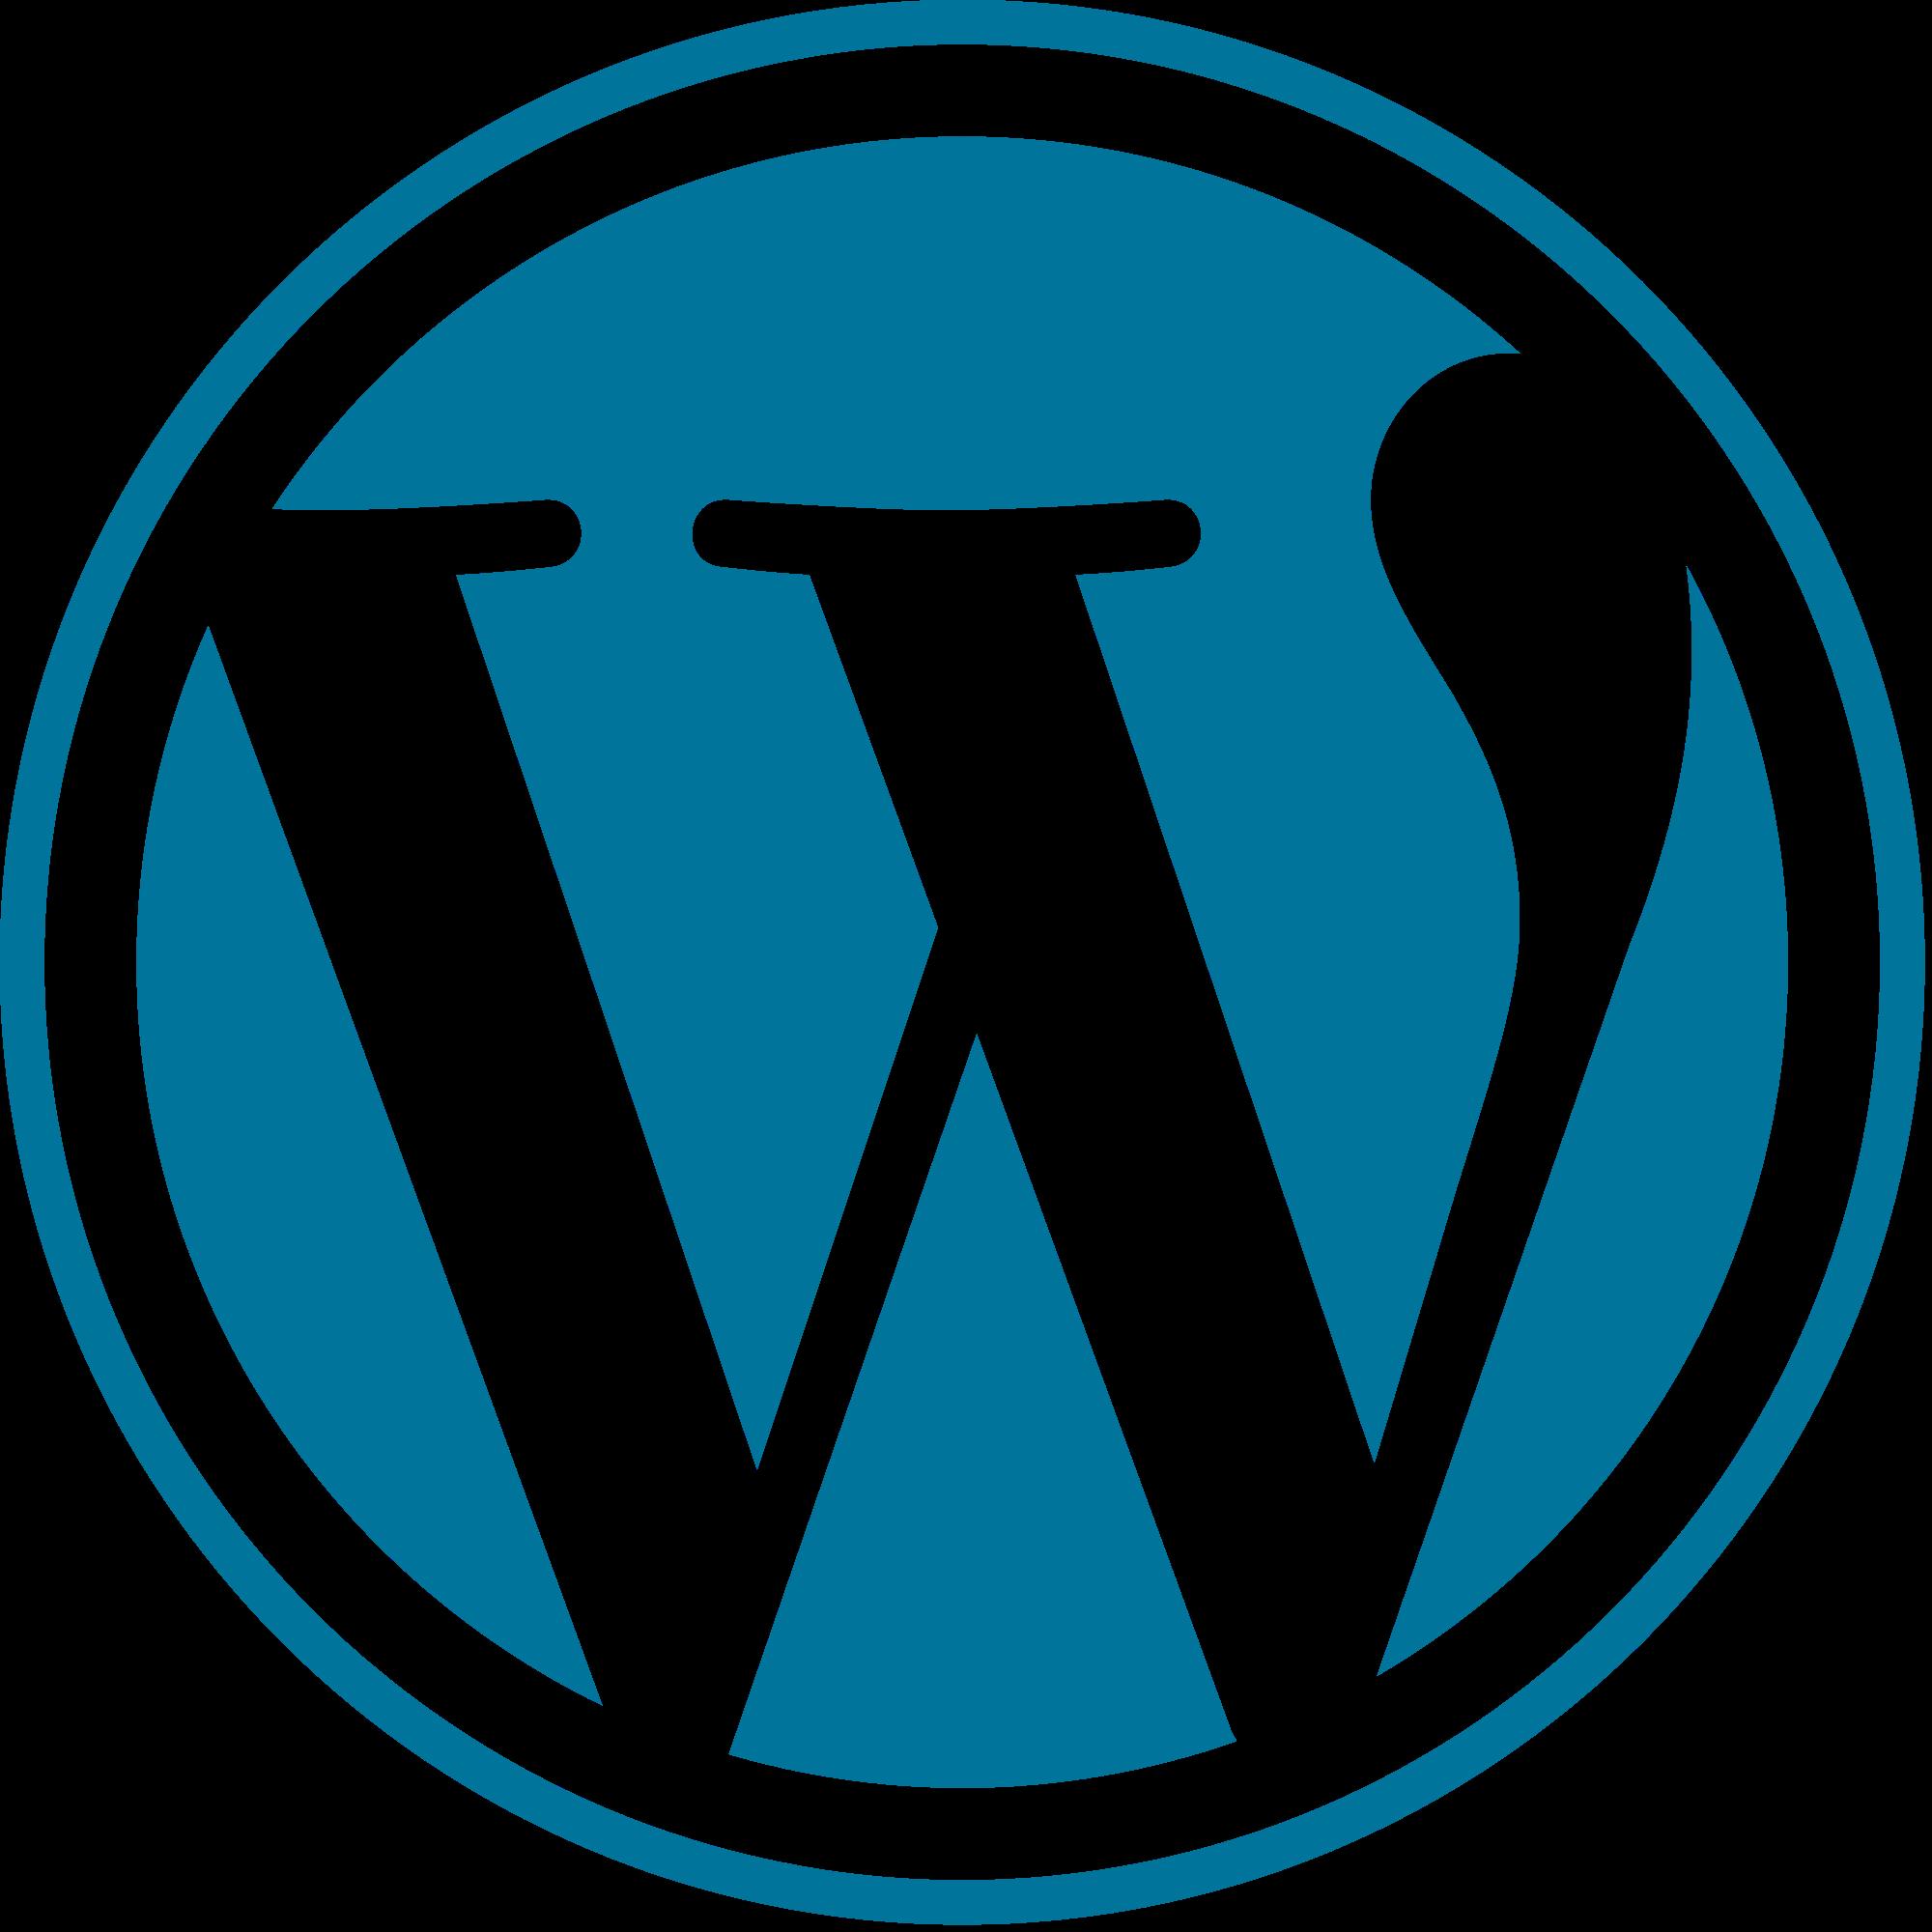 Как сделать анонс на главной странице в Wordpress